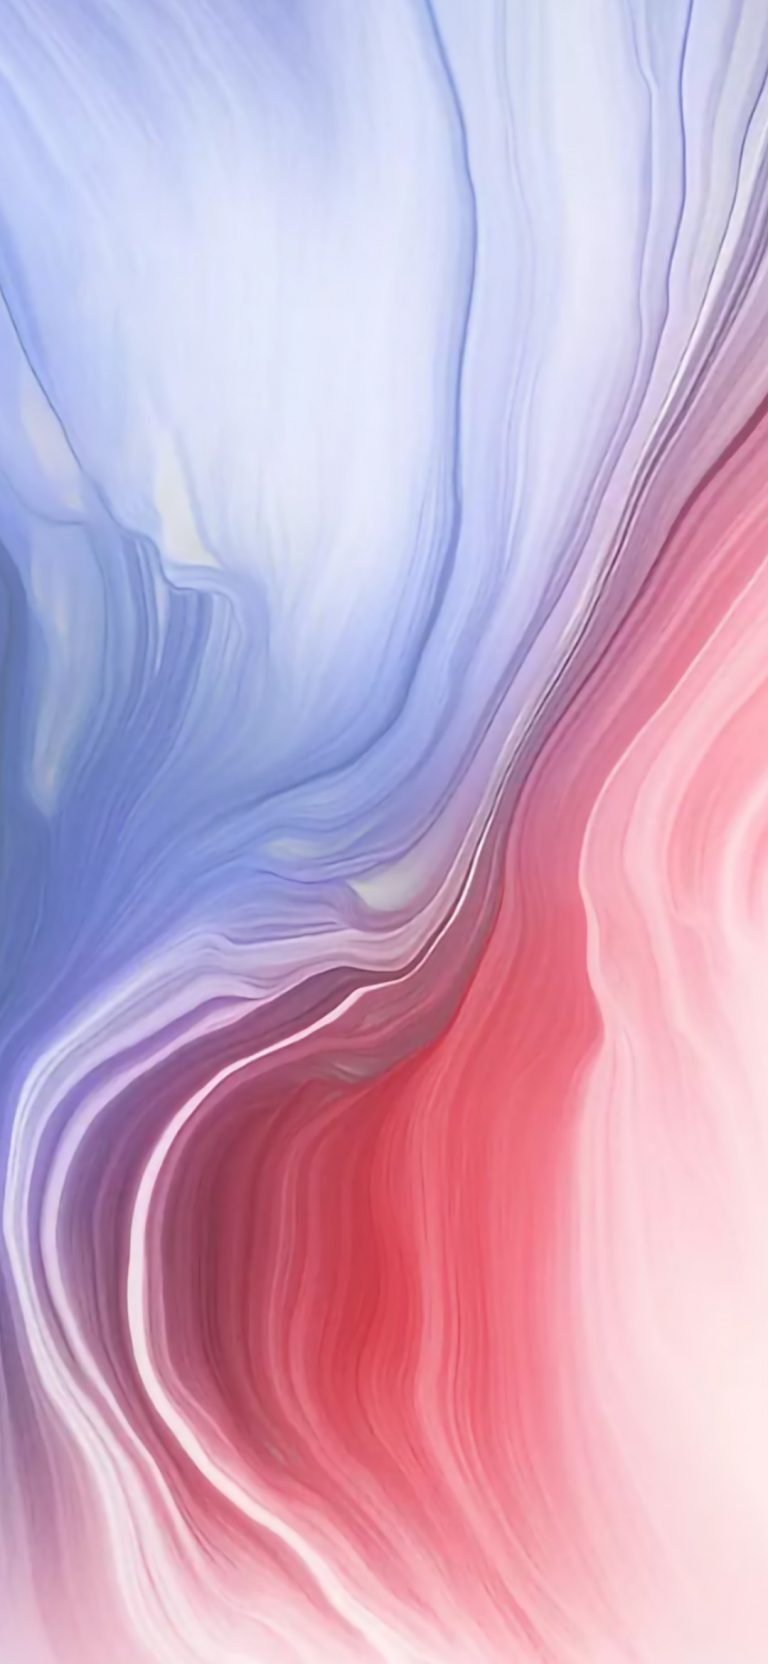 Oppo Reno Z Stock Wallpaper 01 1080x2340 768x1664